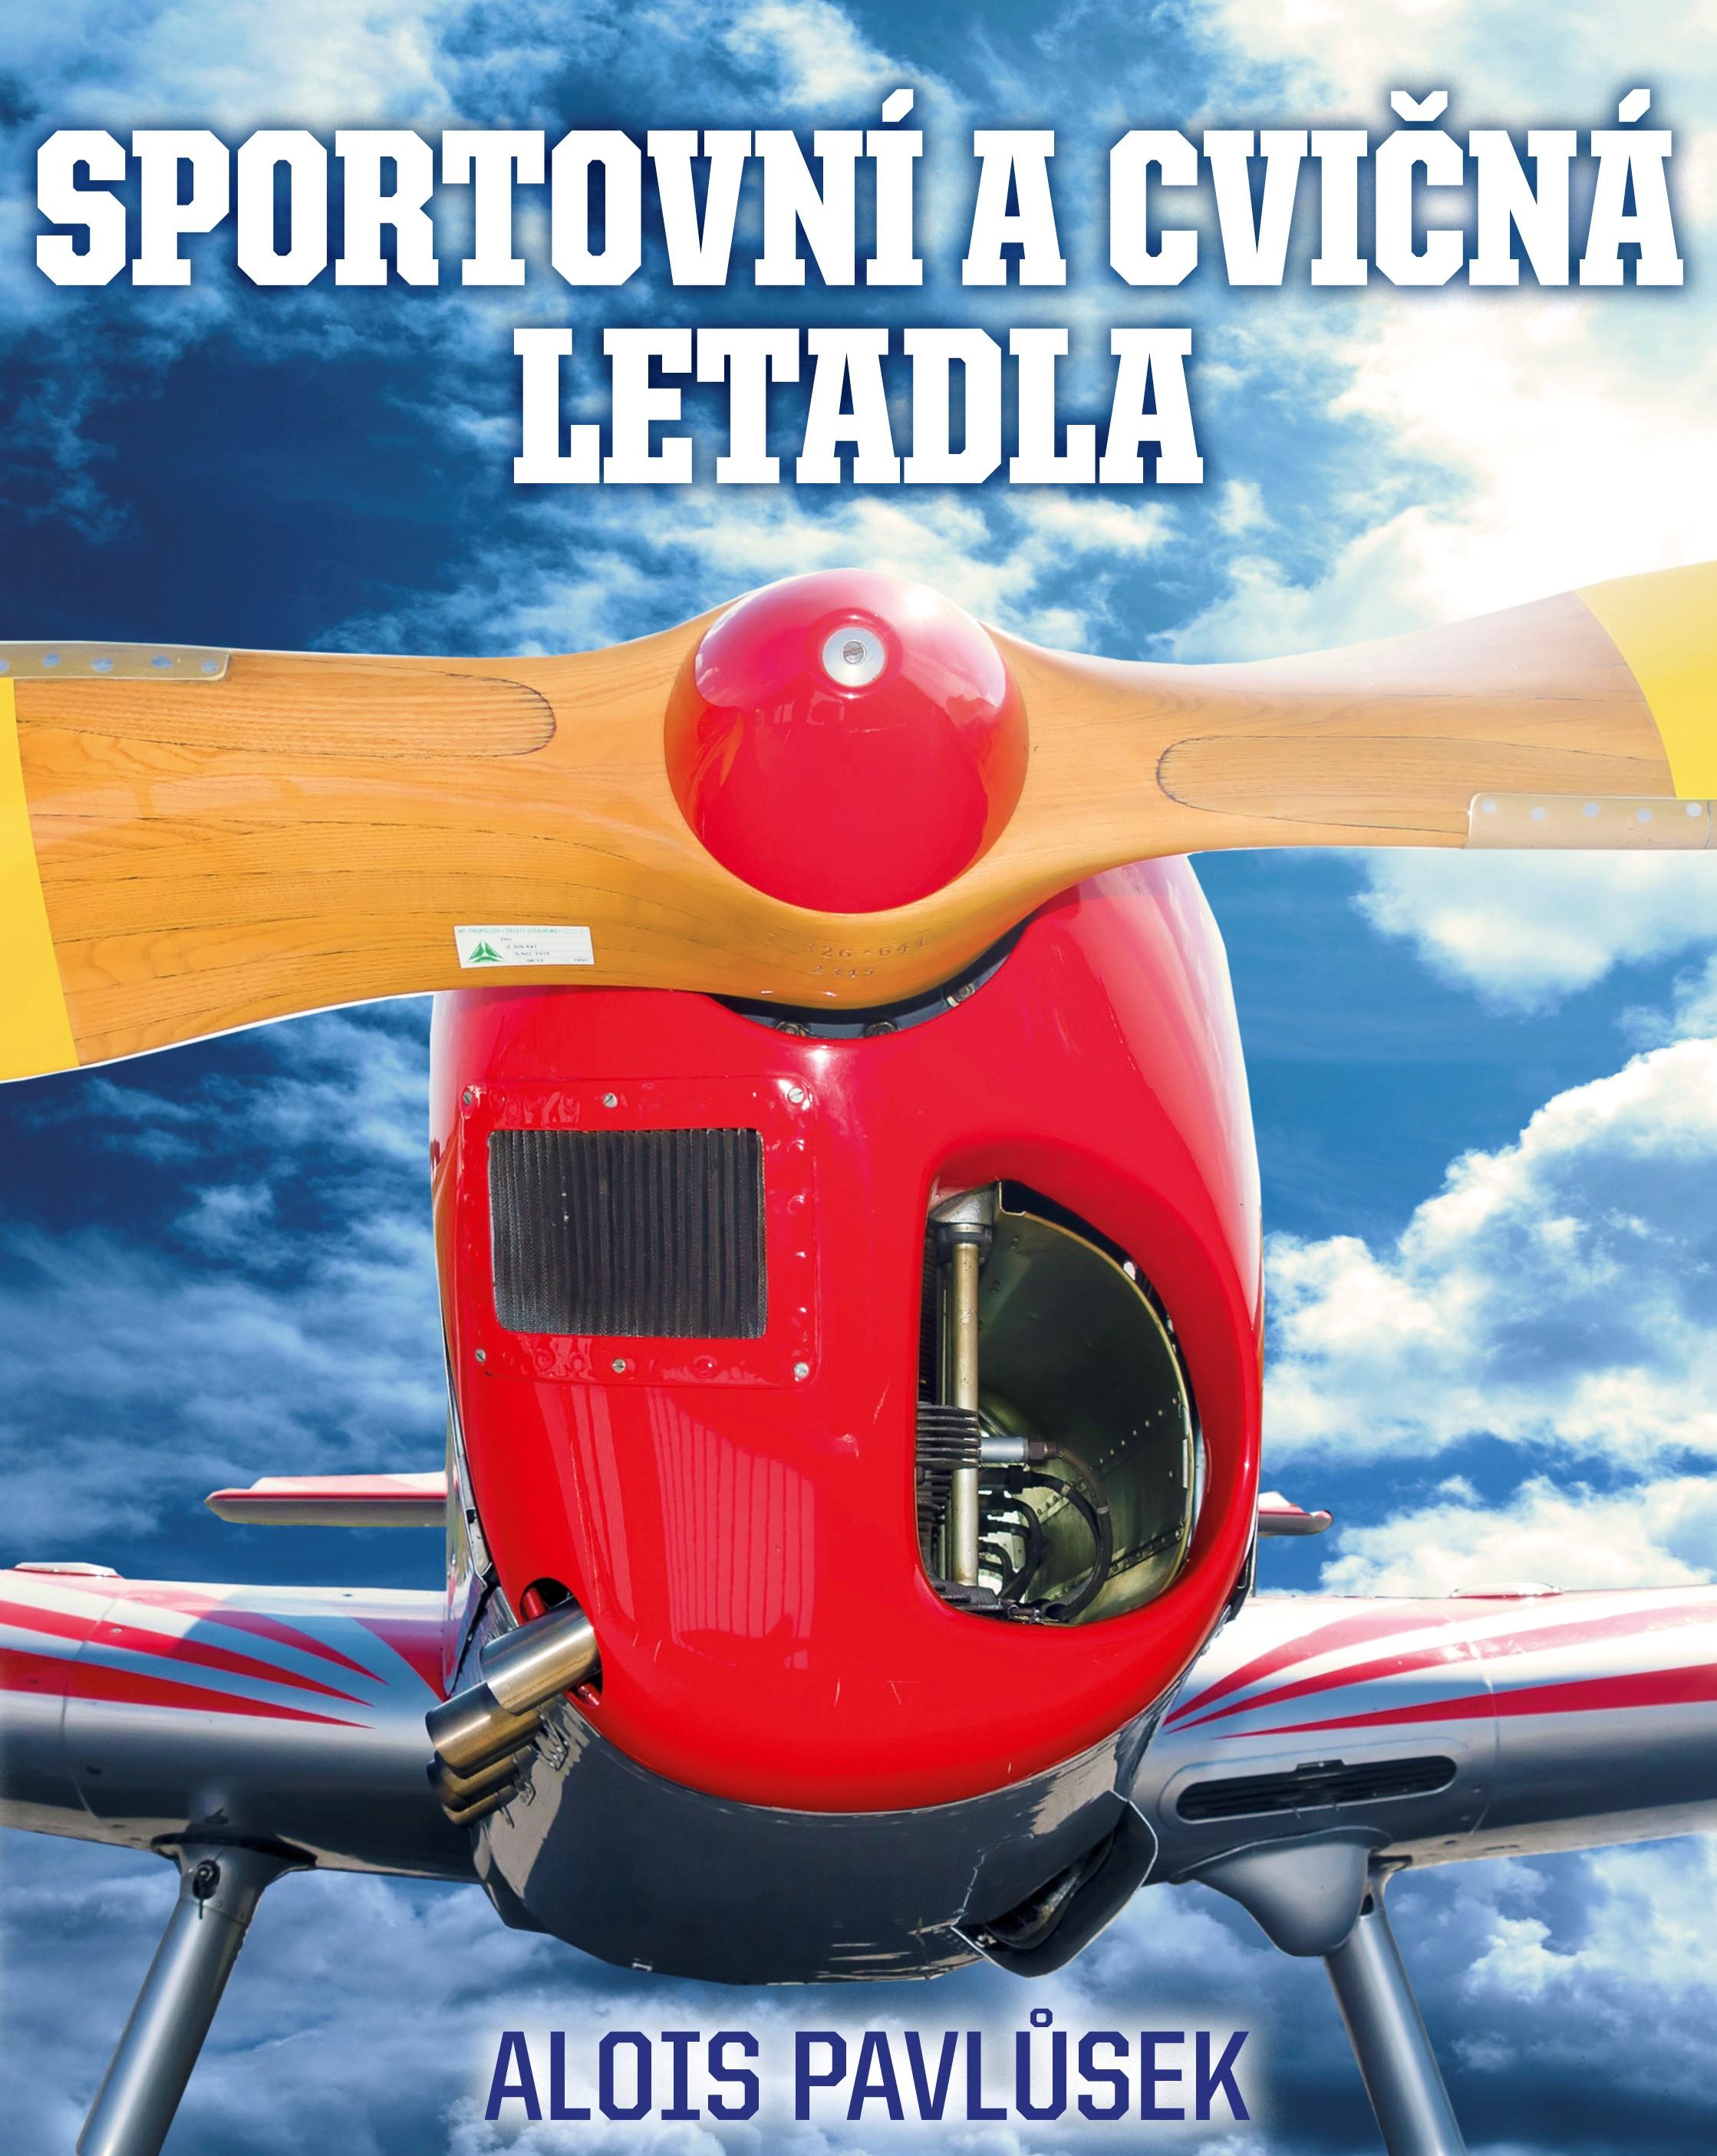 Sportovní a cvičná letadla | Alois Pavlůsek